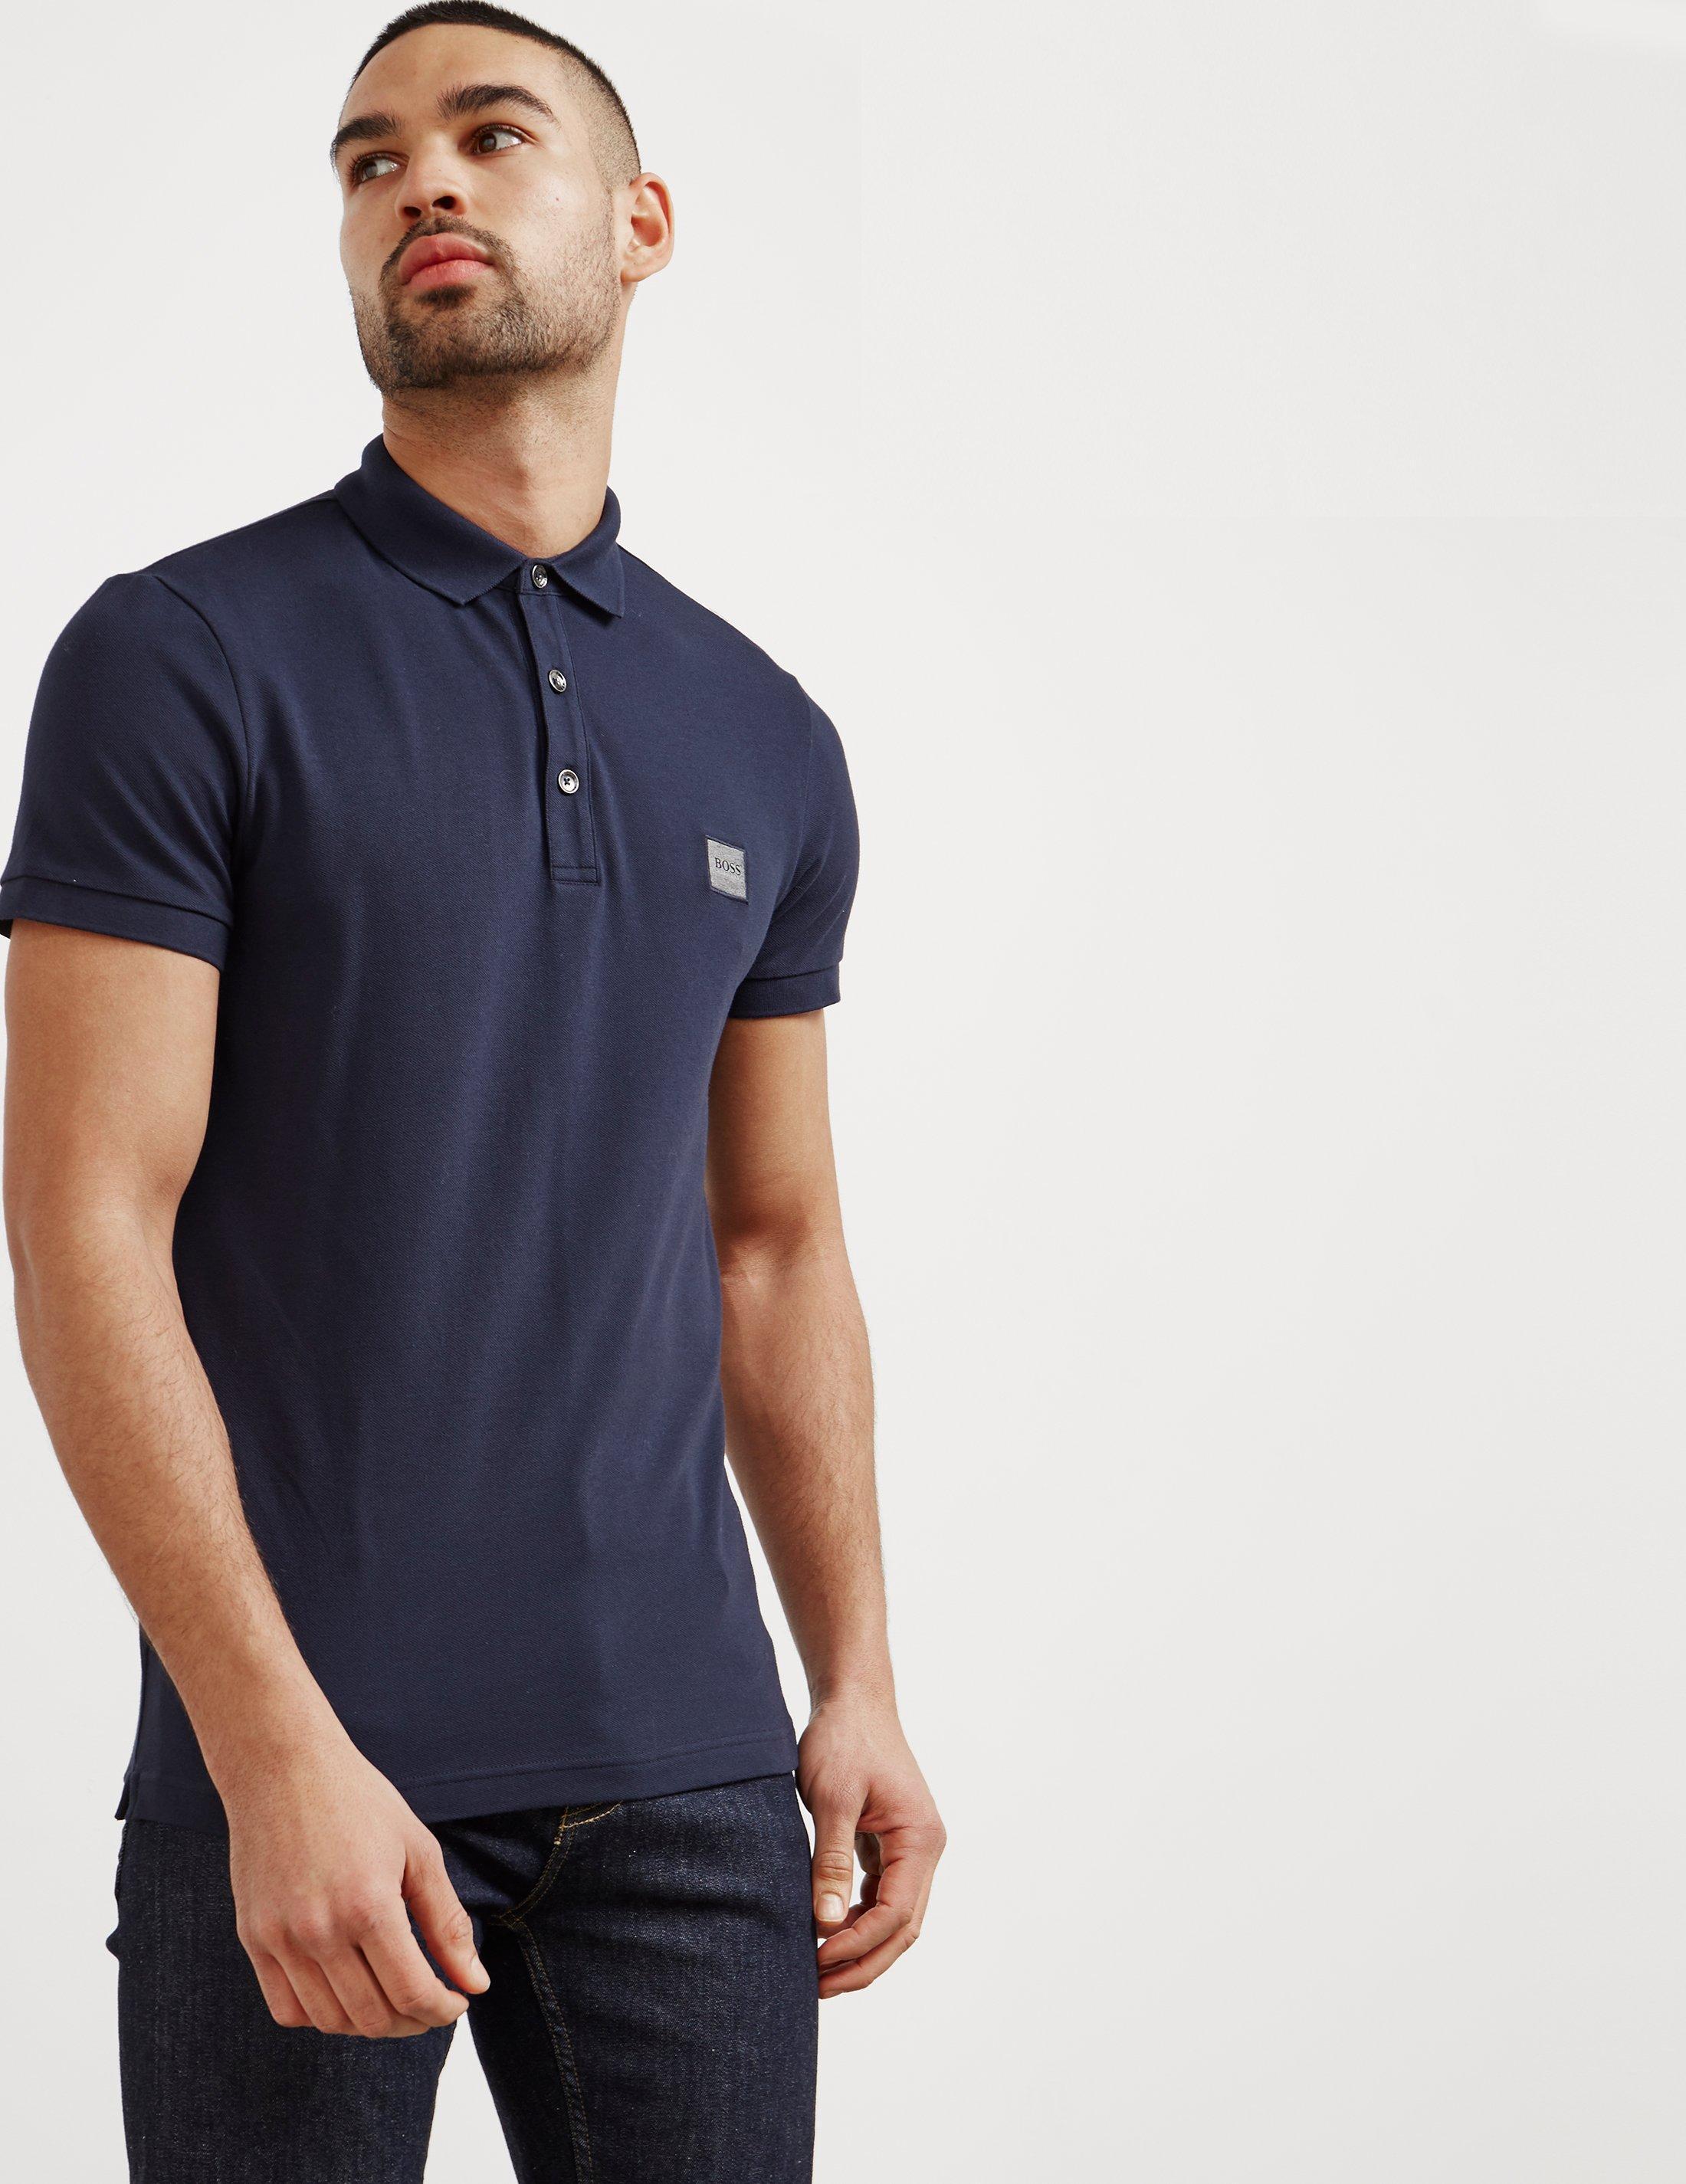 88d516a28 BOSS Passenger Short Sleeve Polo Shirt Navy Blue in Blue for Men - Lyst